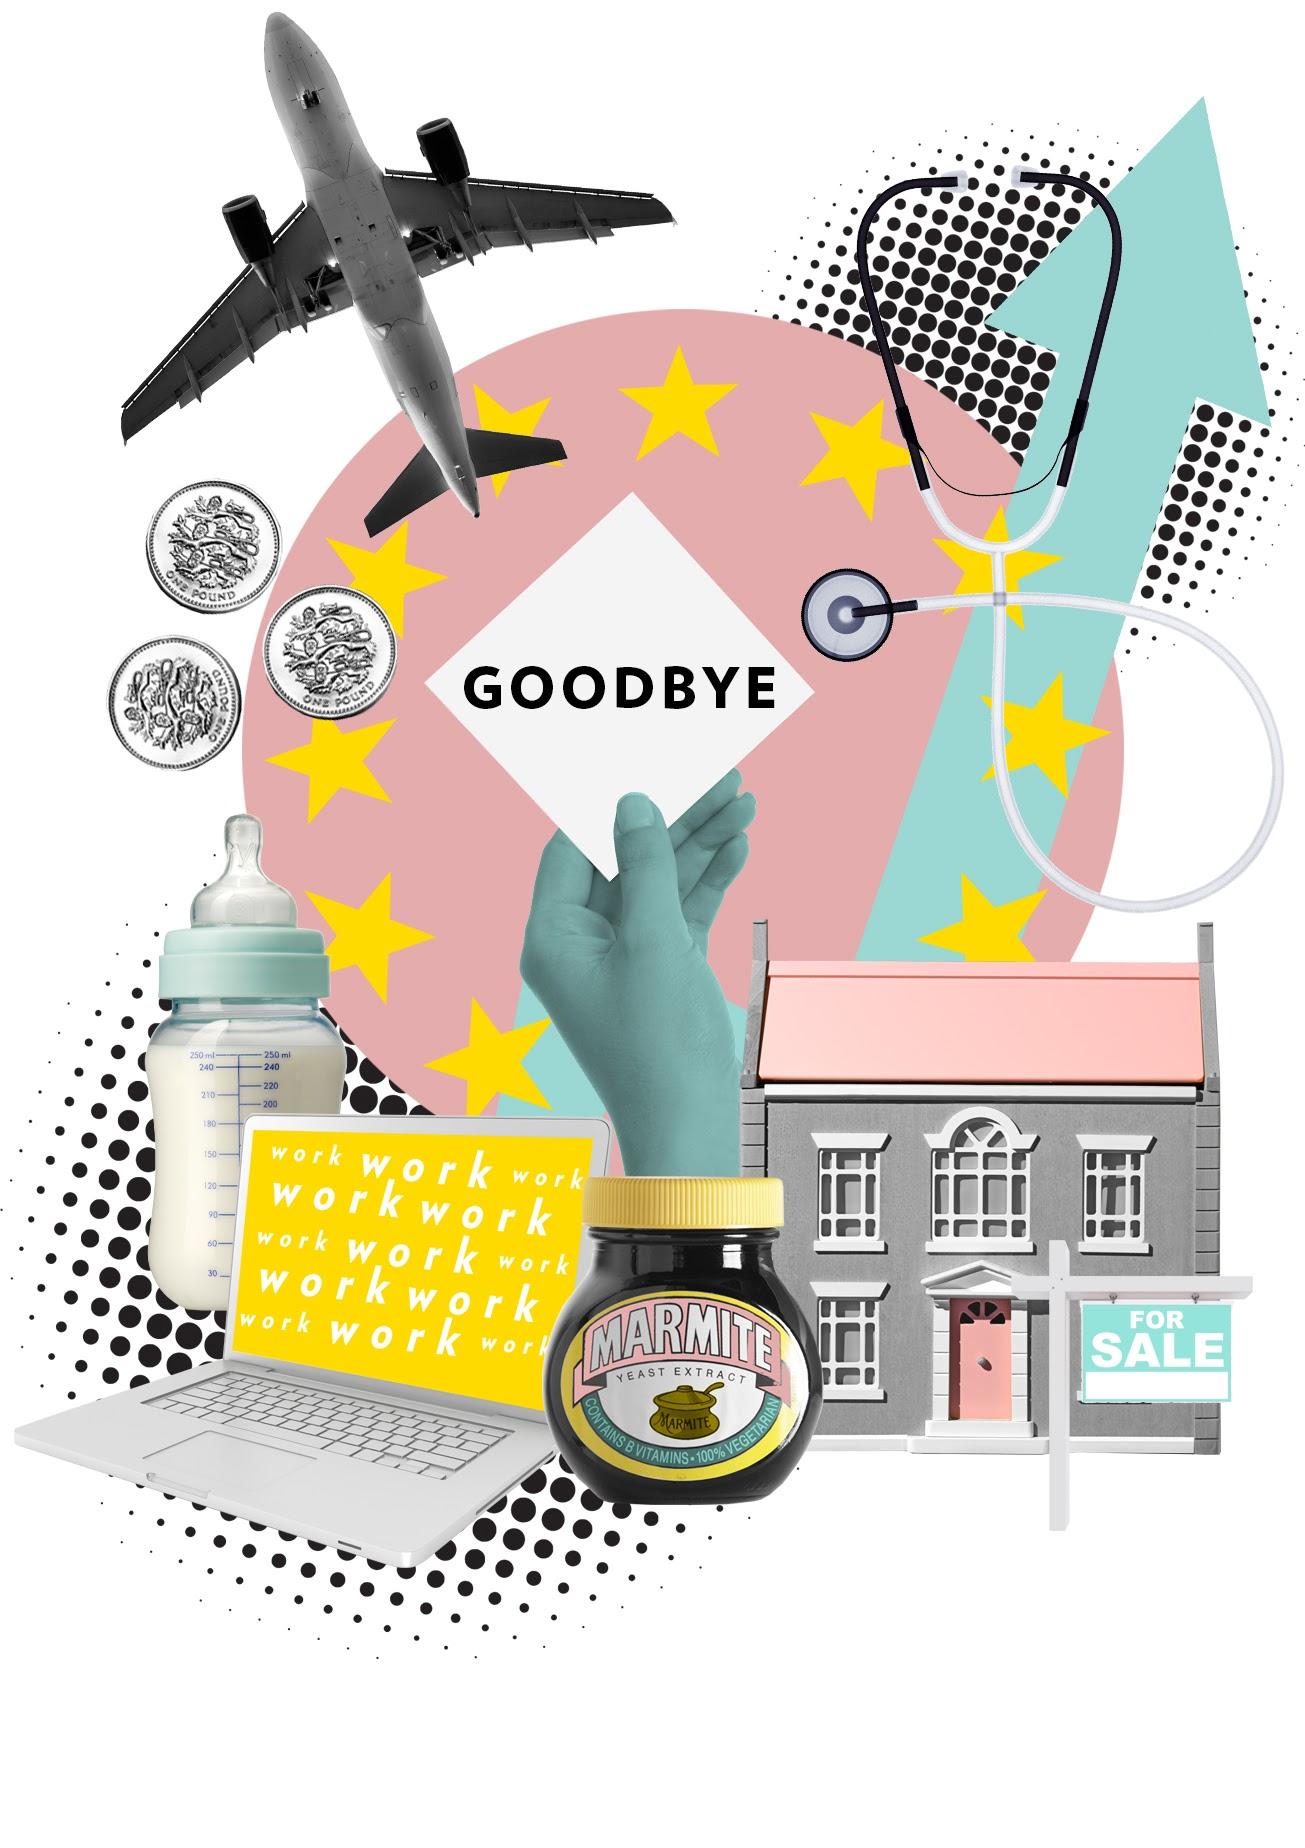 Zuki_Turner_Graphic design_bye brexit(1).jpg